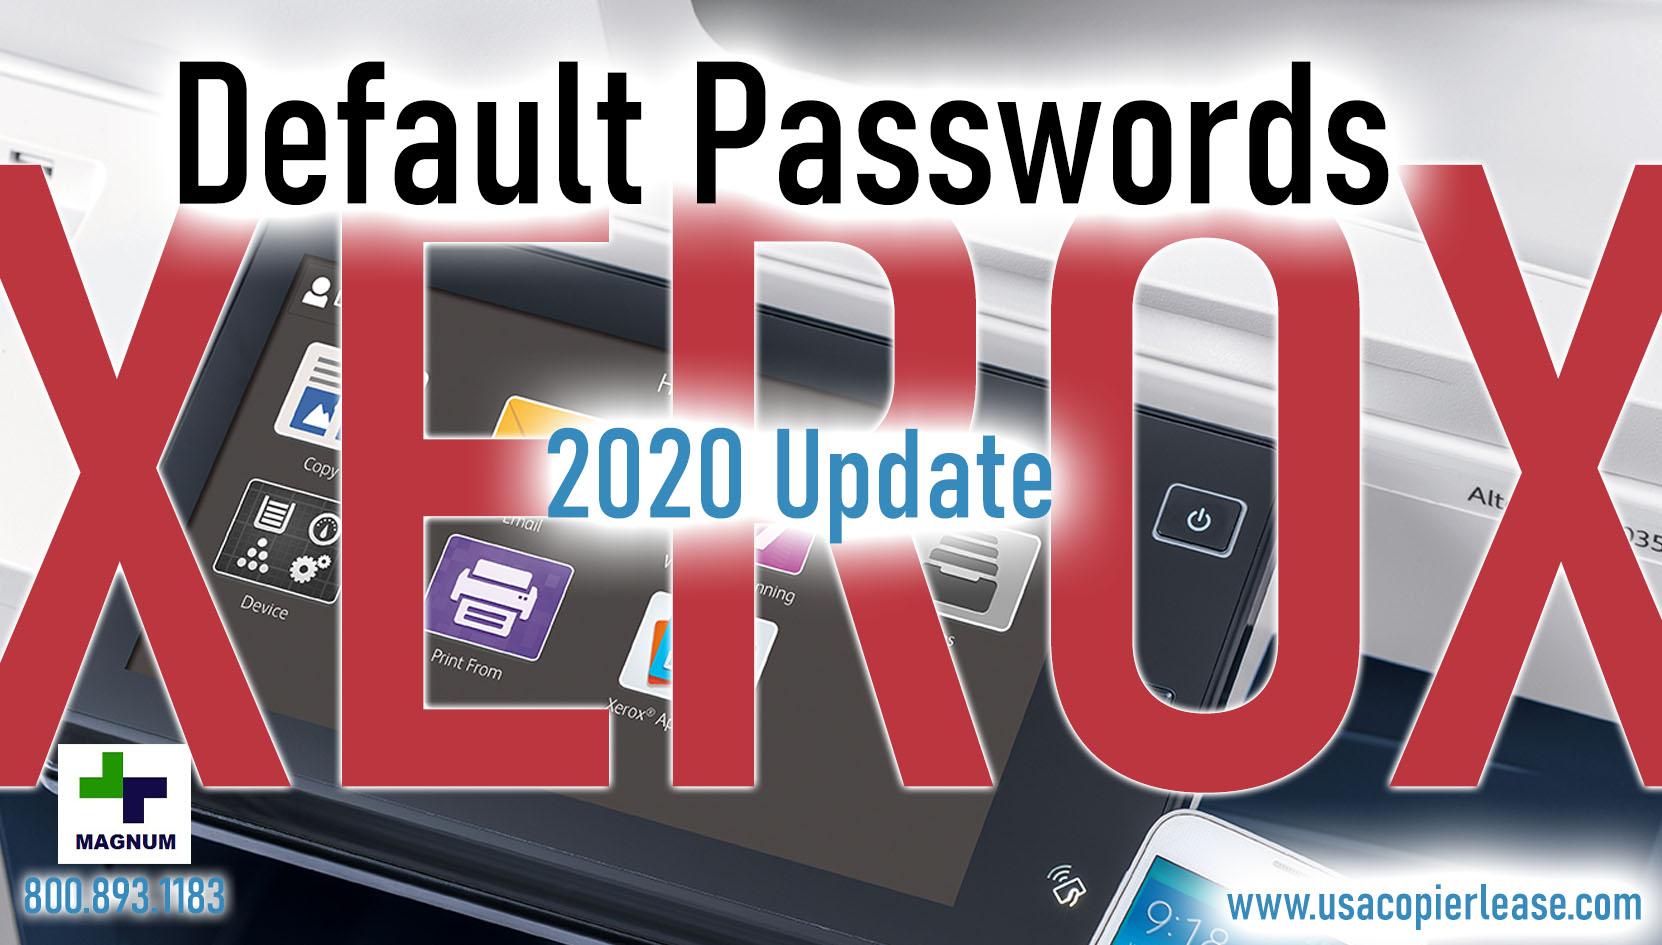 Default Passwords for Xerox Copier for 2020: